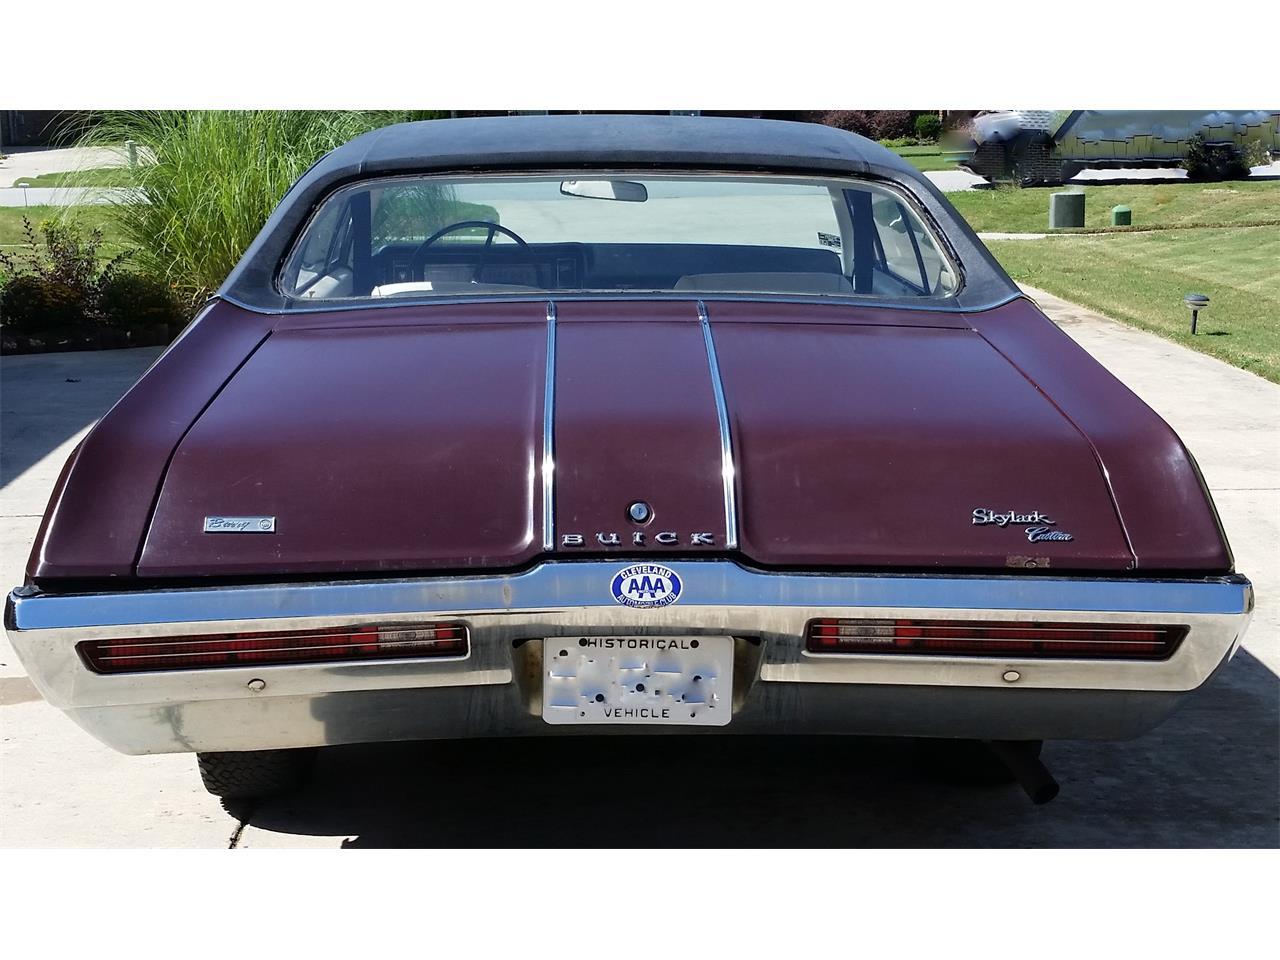 Large Picture of Classic '68 Skylark located in Huntsville Alabama - $3,000.00 - CEAZ